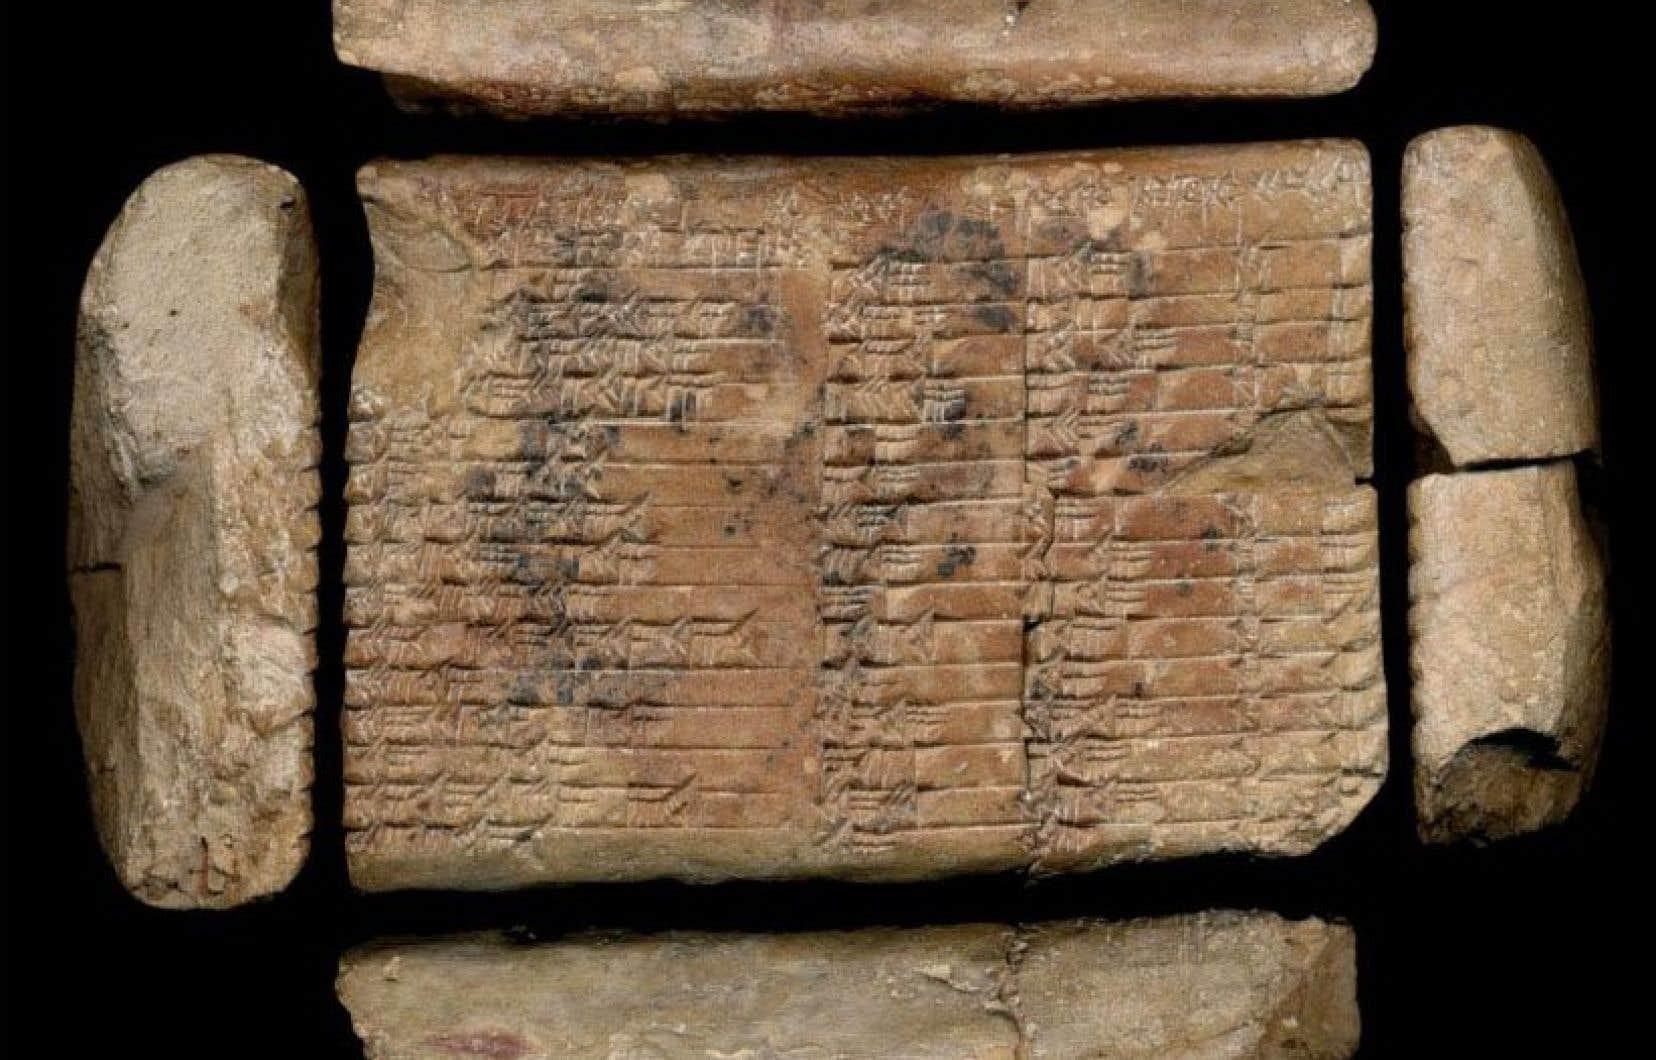 La tablette «Plimpton 322» est conservée à la Rare Book and Manuscript Library de l'Université Columbia à New York.